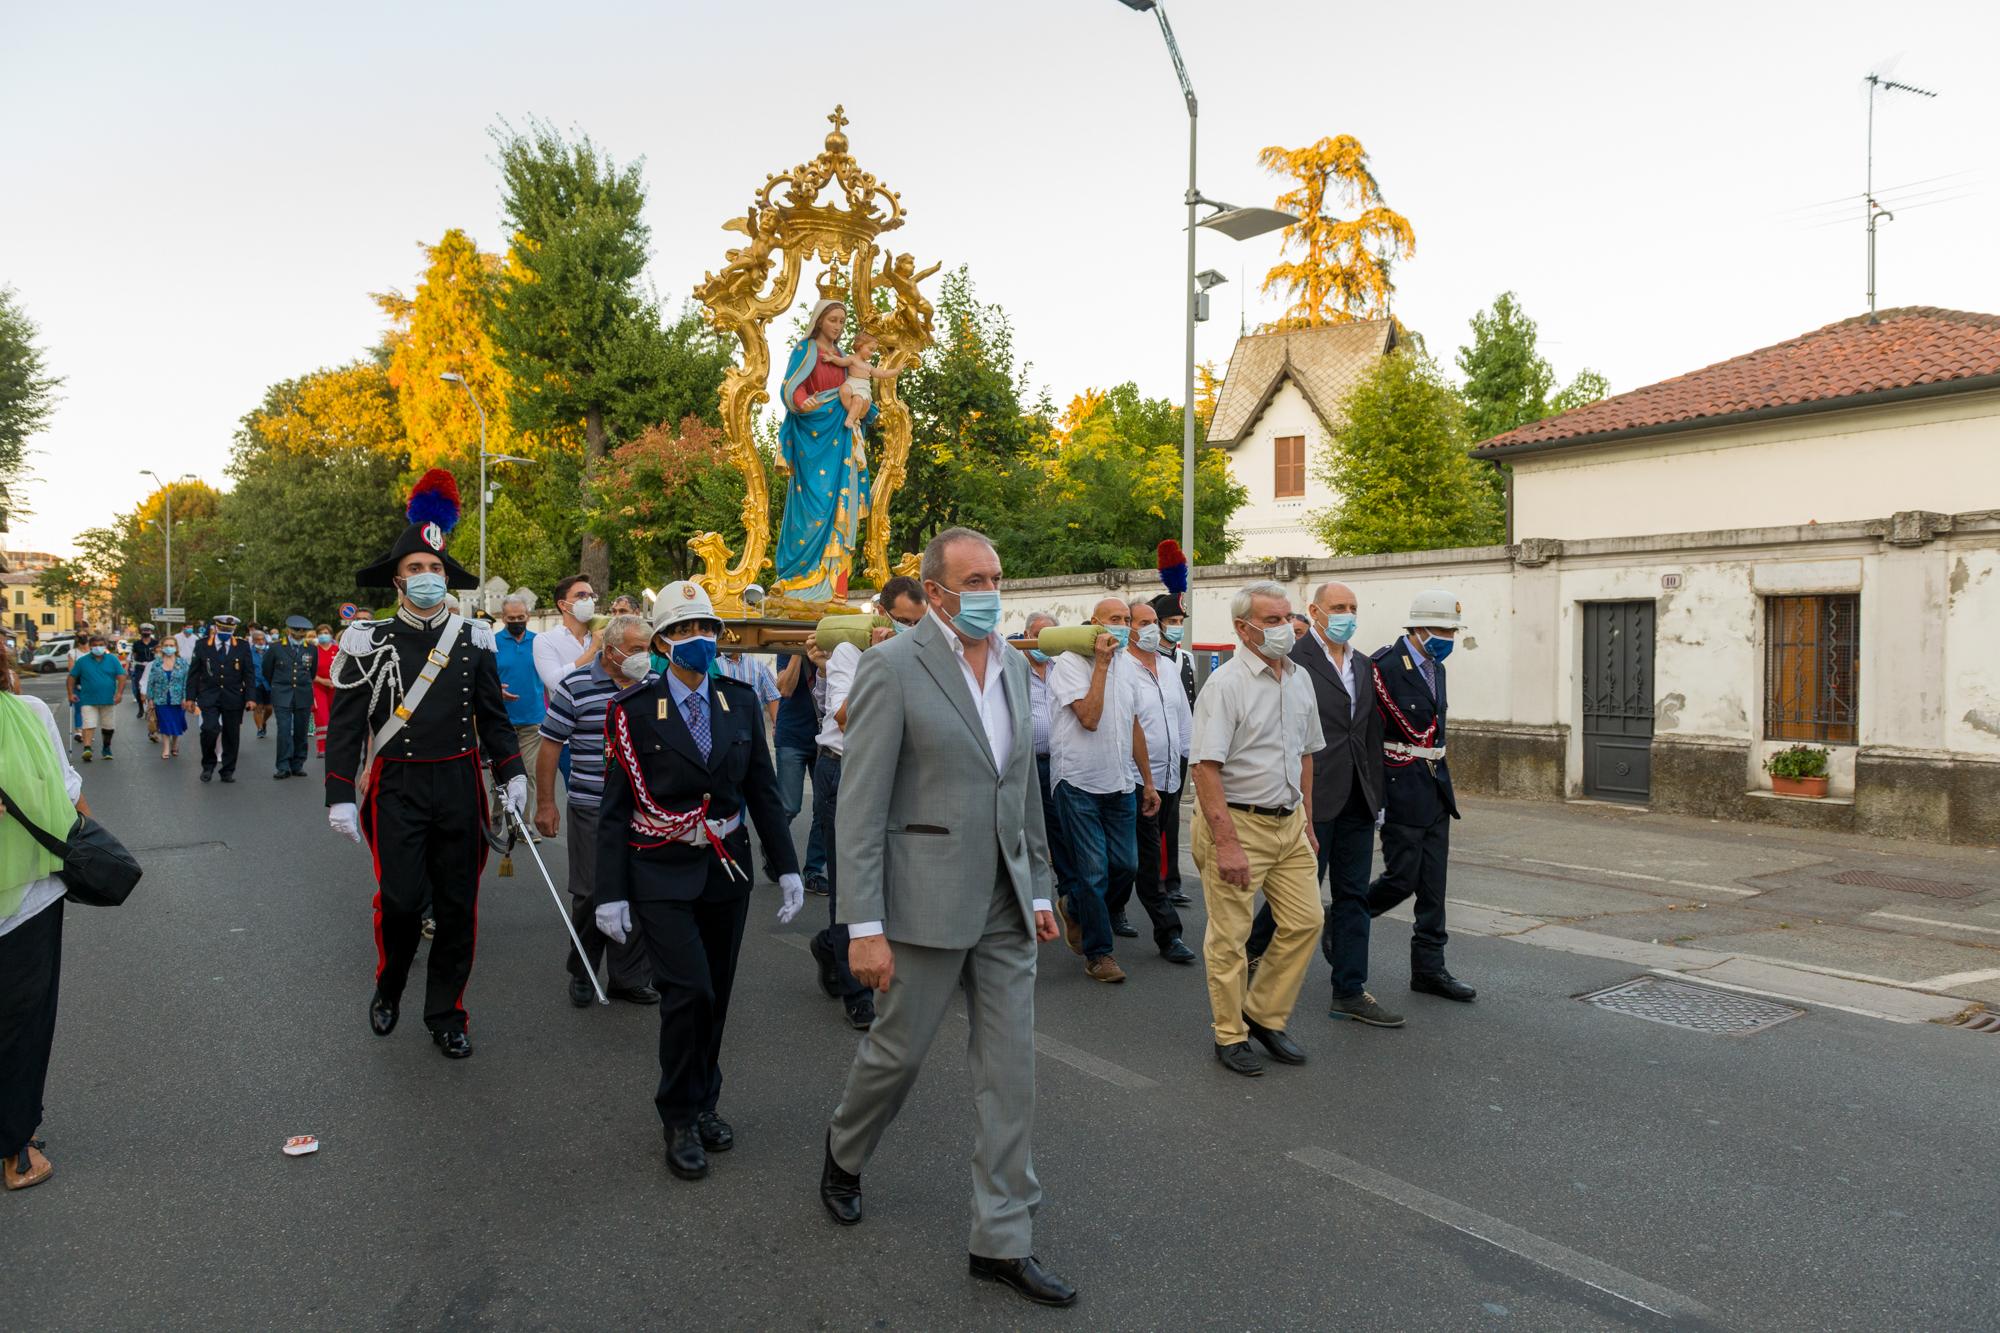 29-agosto-2021-Viola-17-e-processione-MdG-–-FOTO_mdg_-80